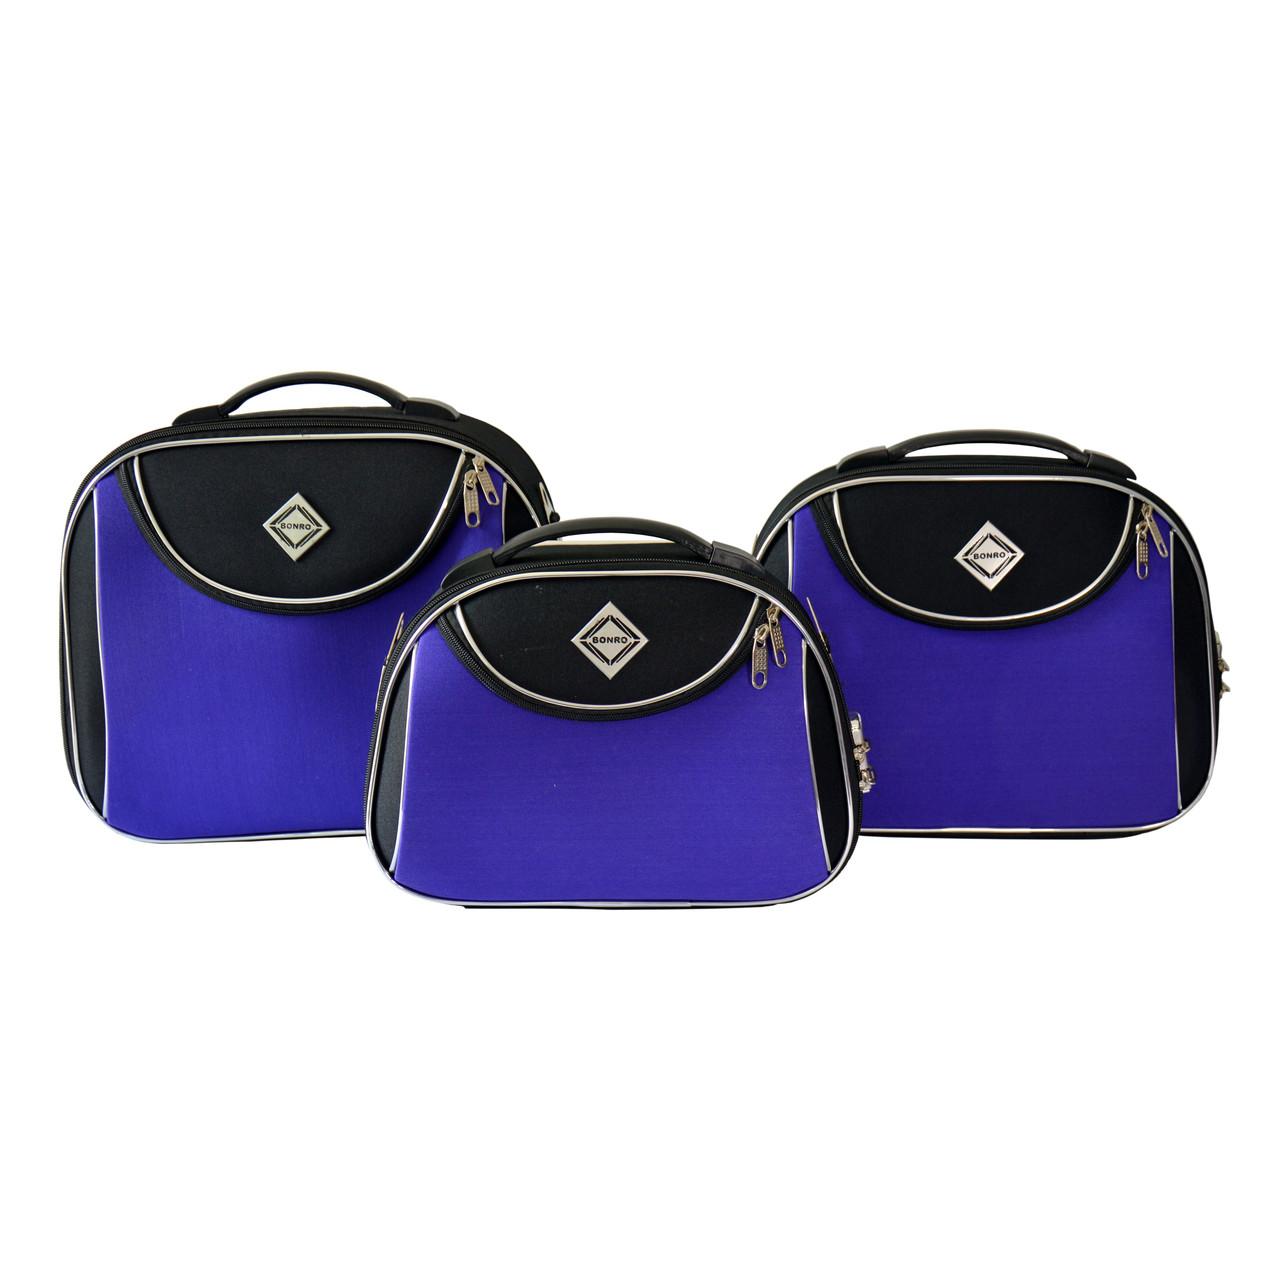 Сумка кейс саквояж 3в1 Bonro Style черно-фиолетовый